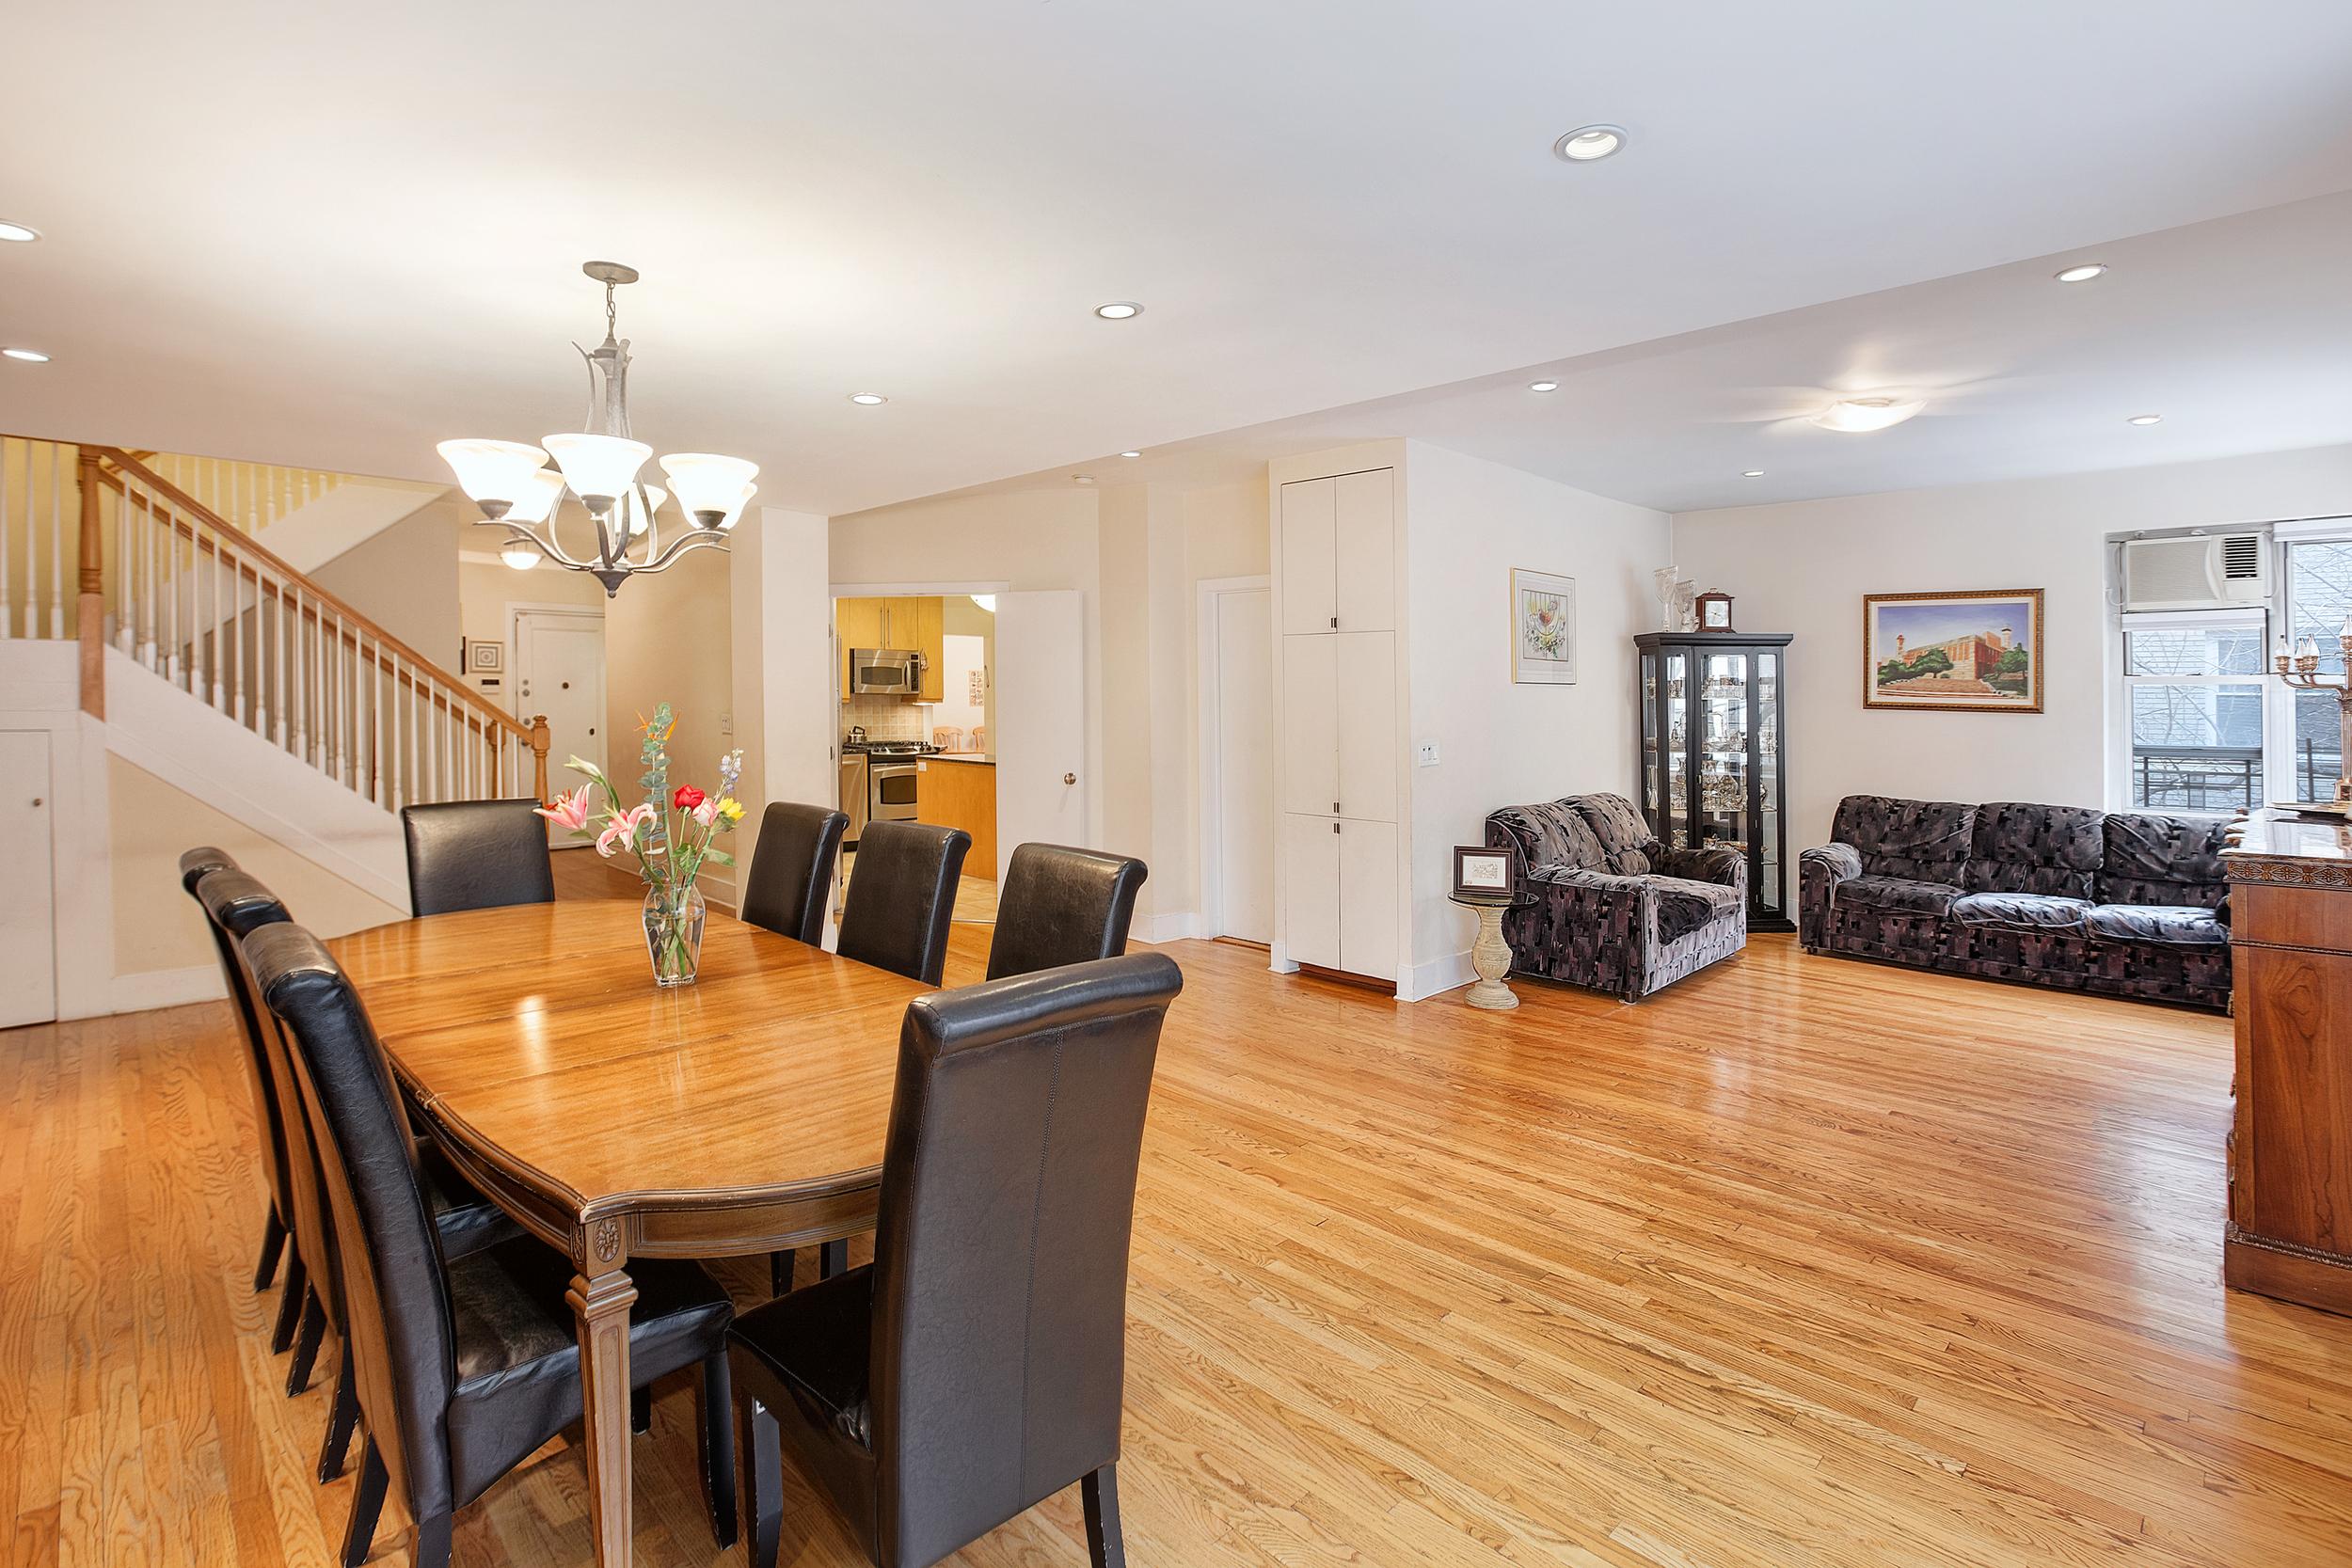 100 Bennett Avenue #3C4CD - $1,350,000